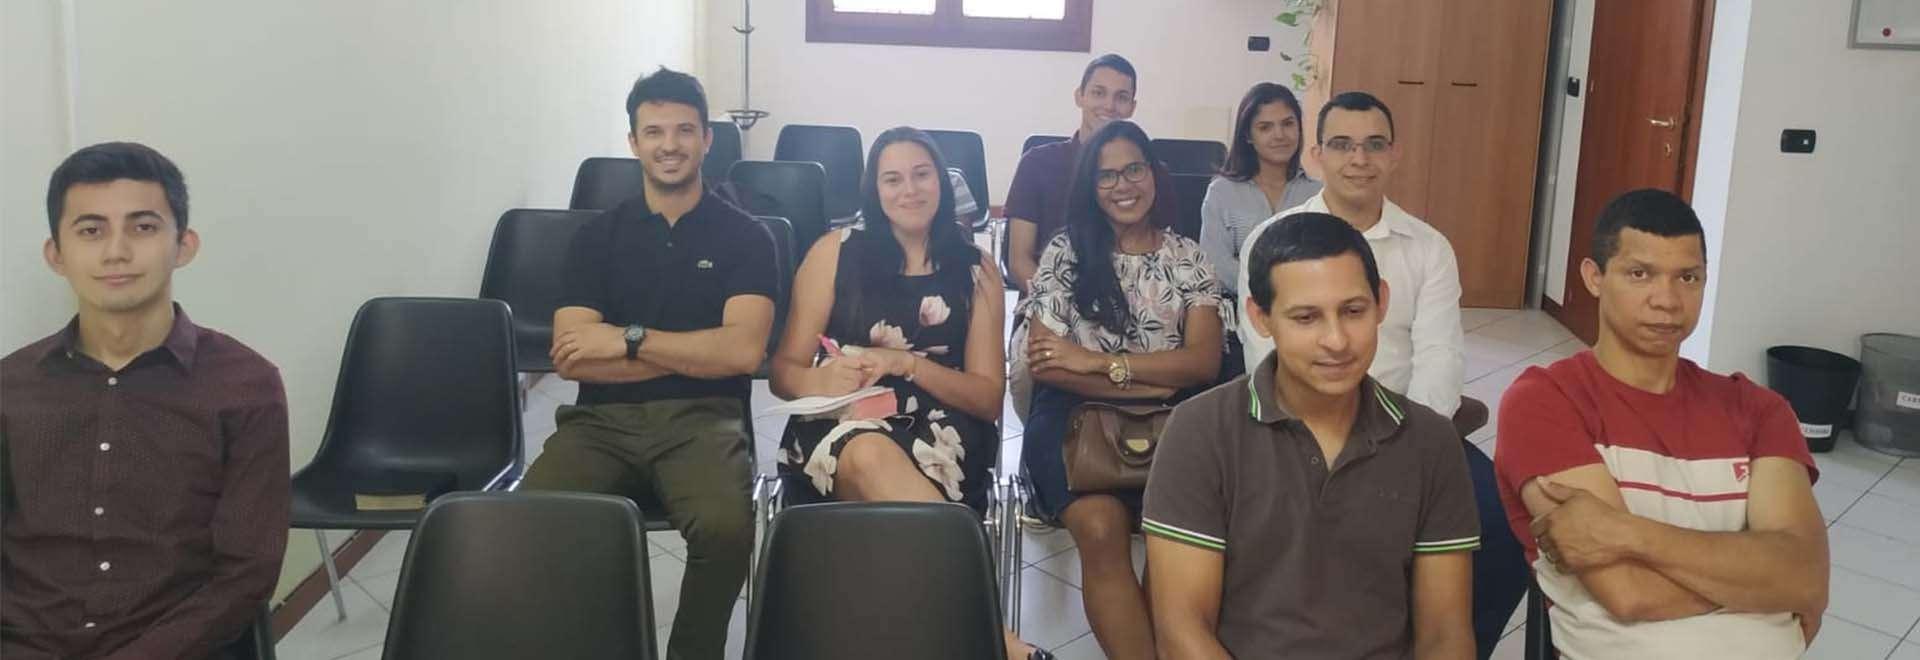 Igrejas Cristã Maranata da Itália participam de seminário por transmissão via satélite e Internet